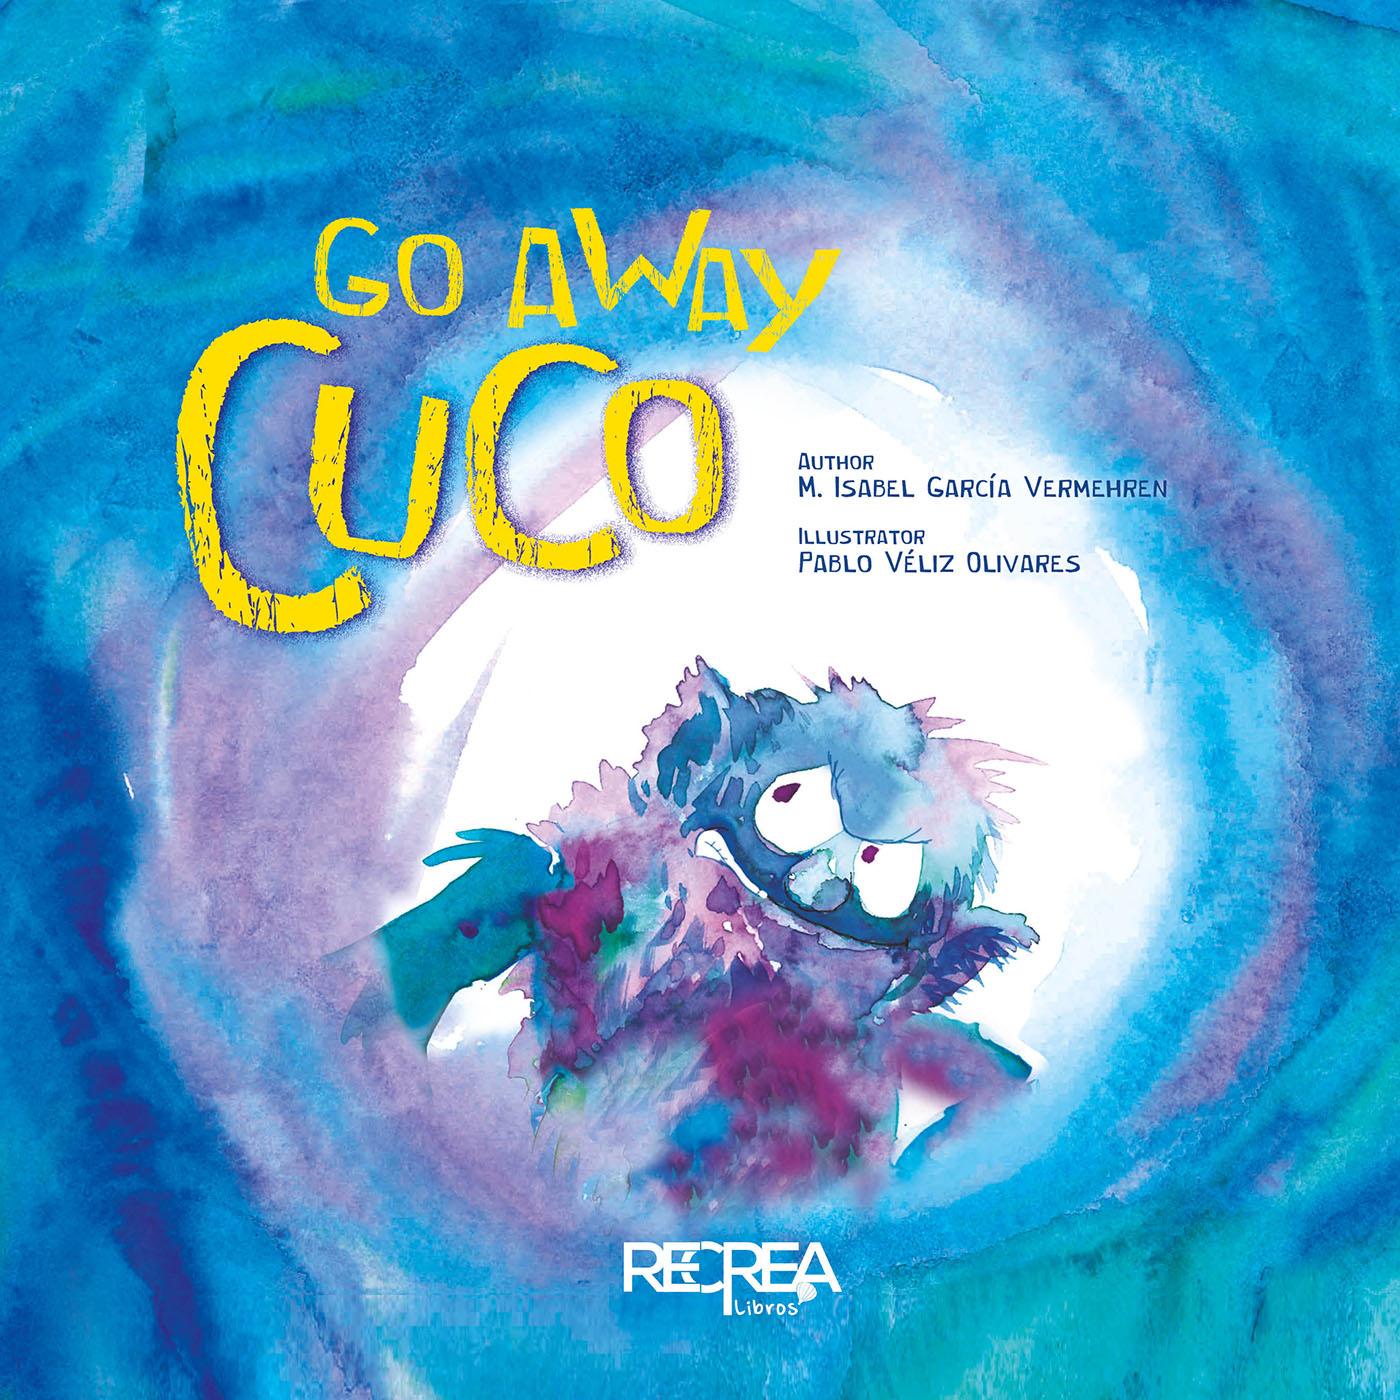 Go away Cuco